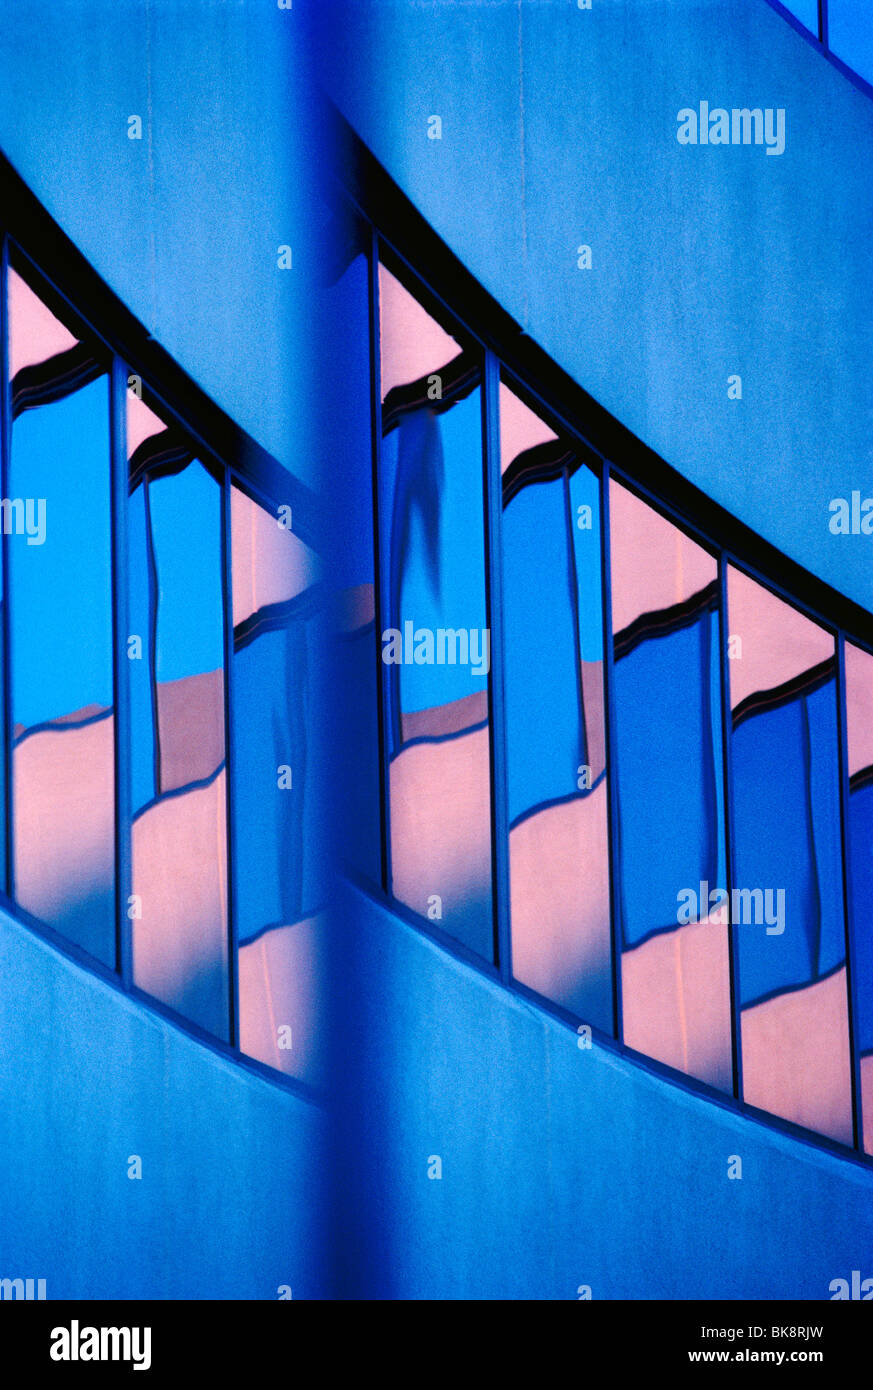 Abstrakte Sicht auf ein modernes corporate Bürogebäude einschließlich Reflexionen in den Fenstern Stockbild